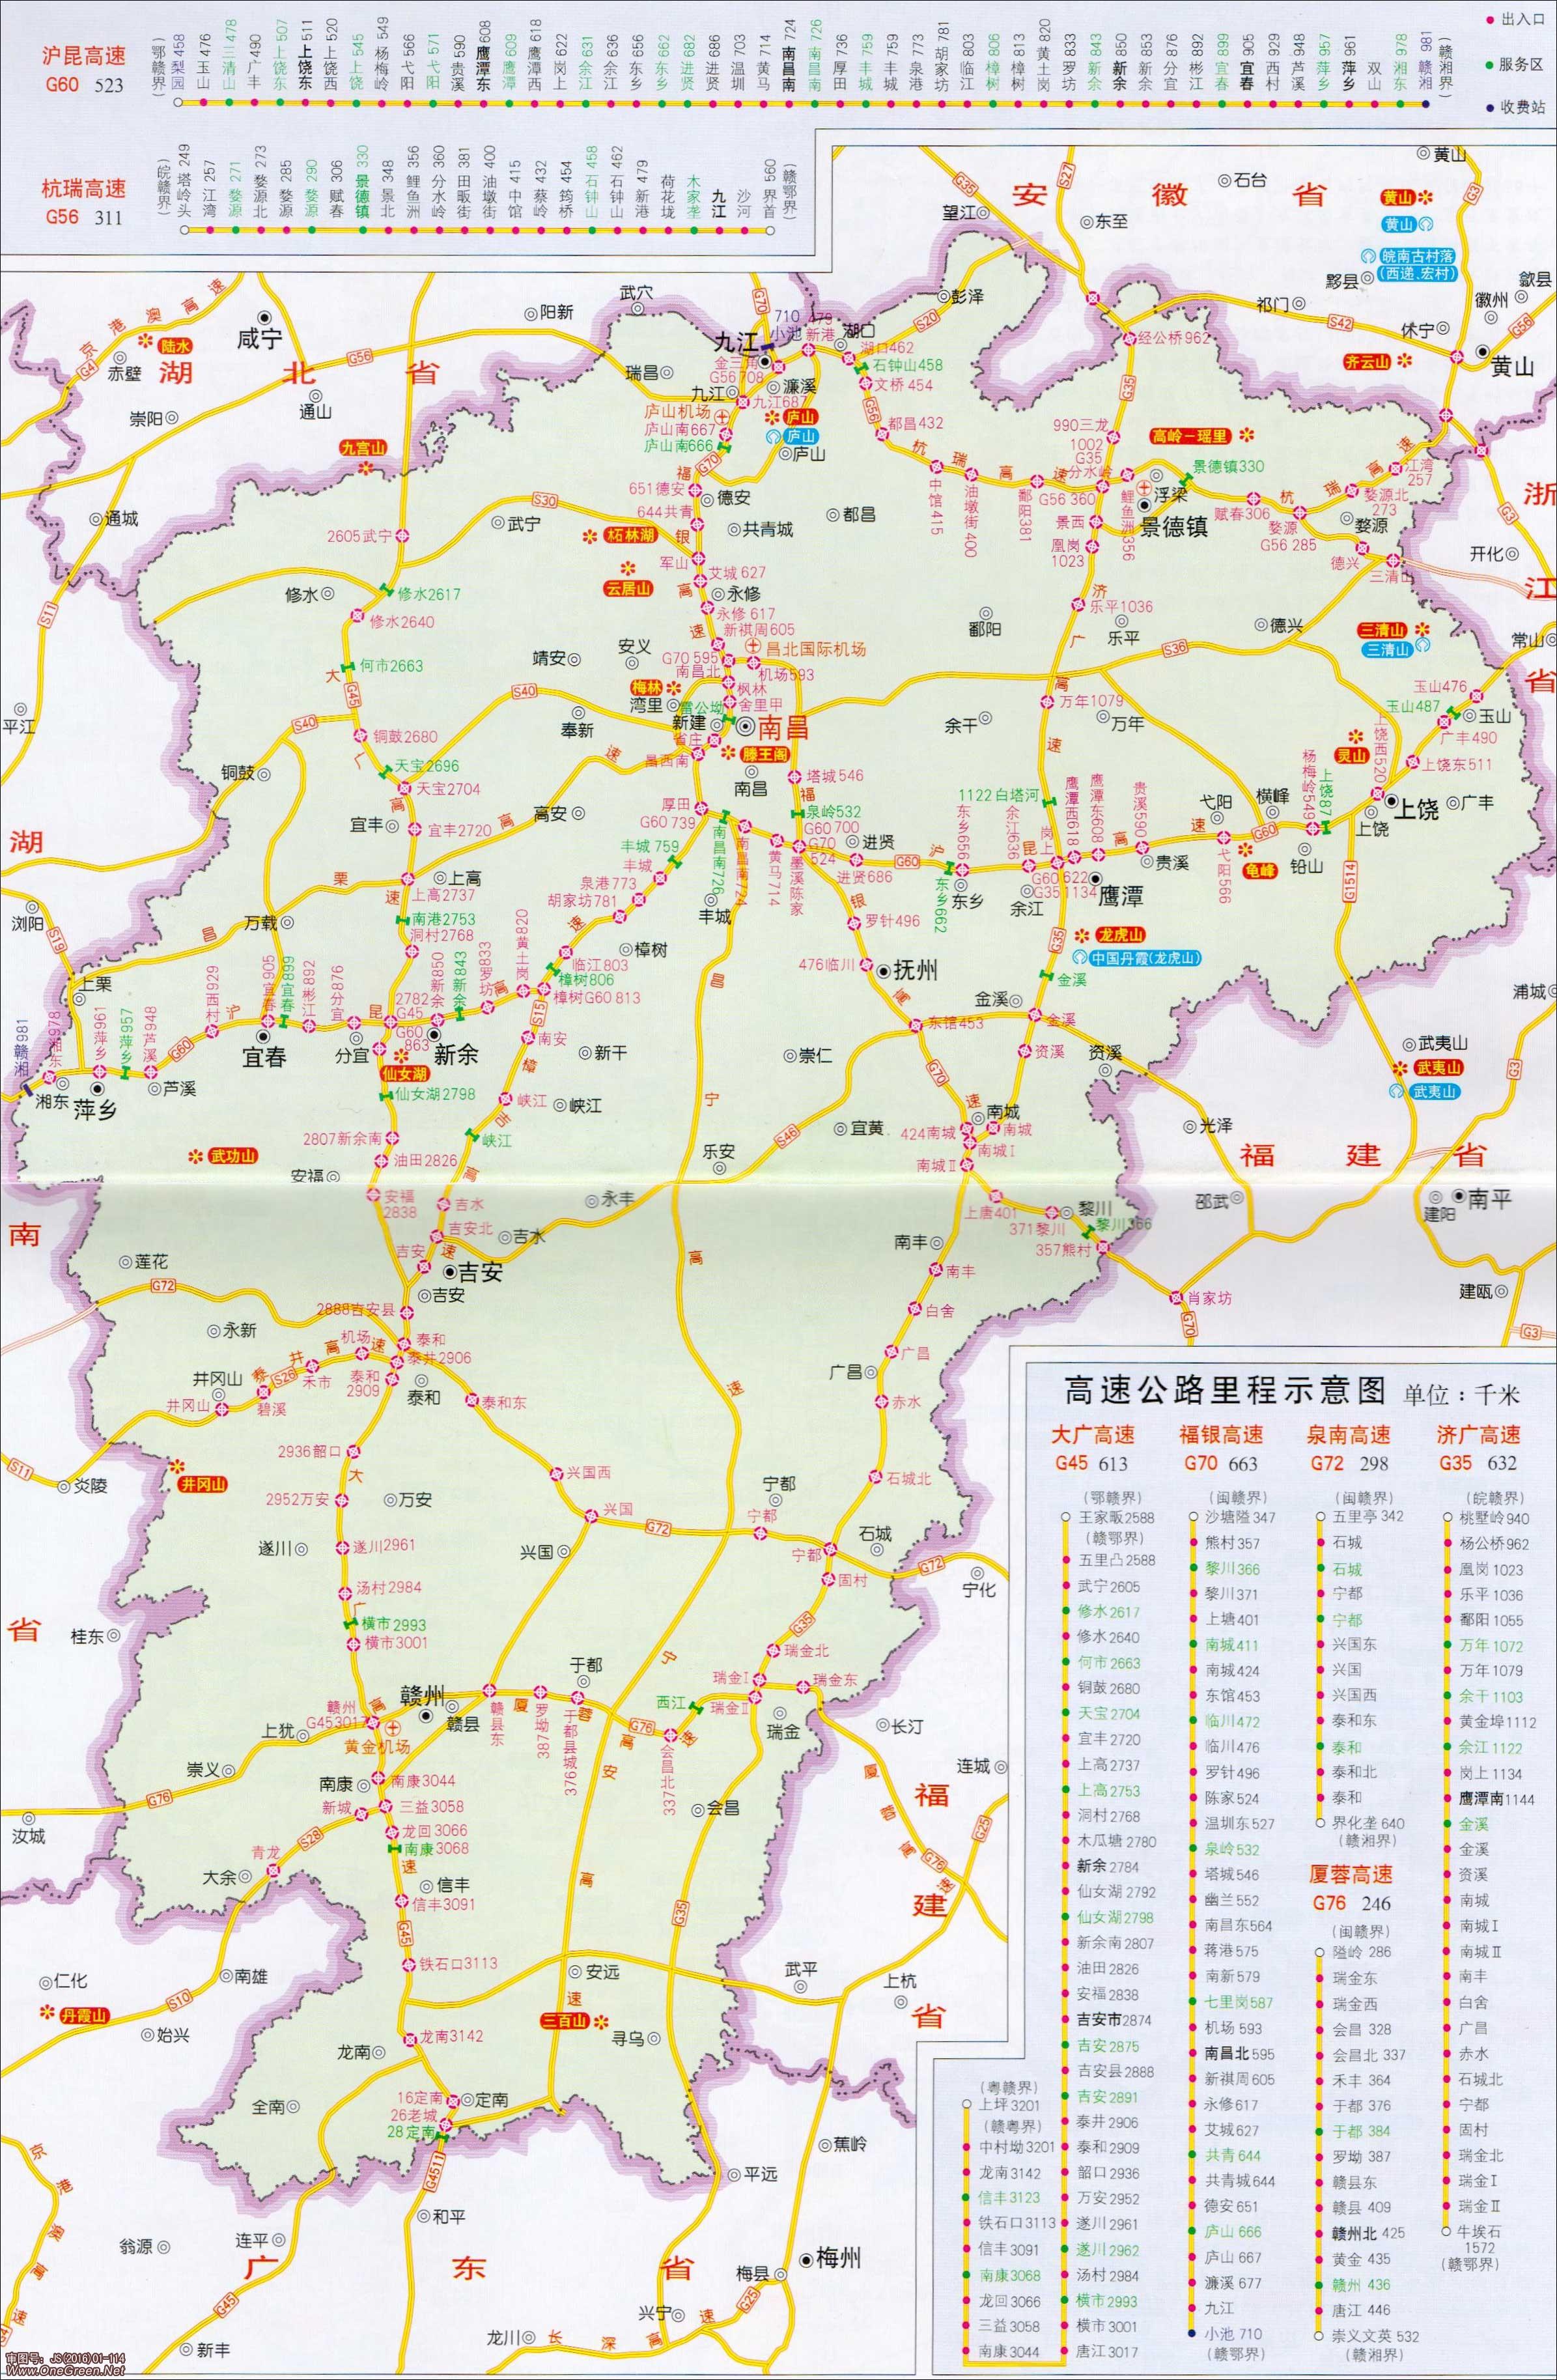 江西省高速公路服务区里程示意图